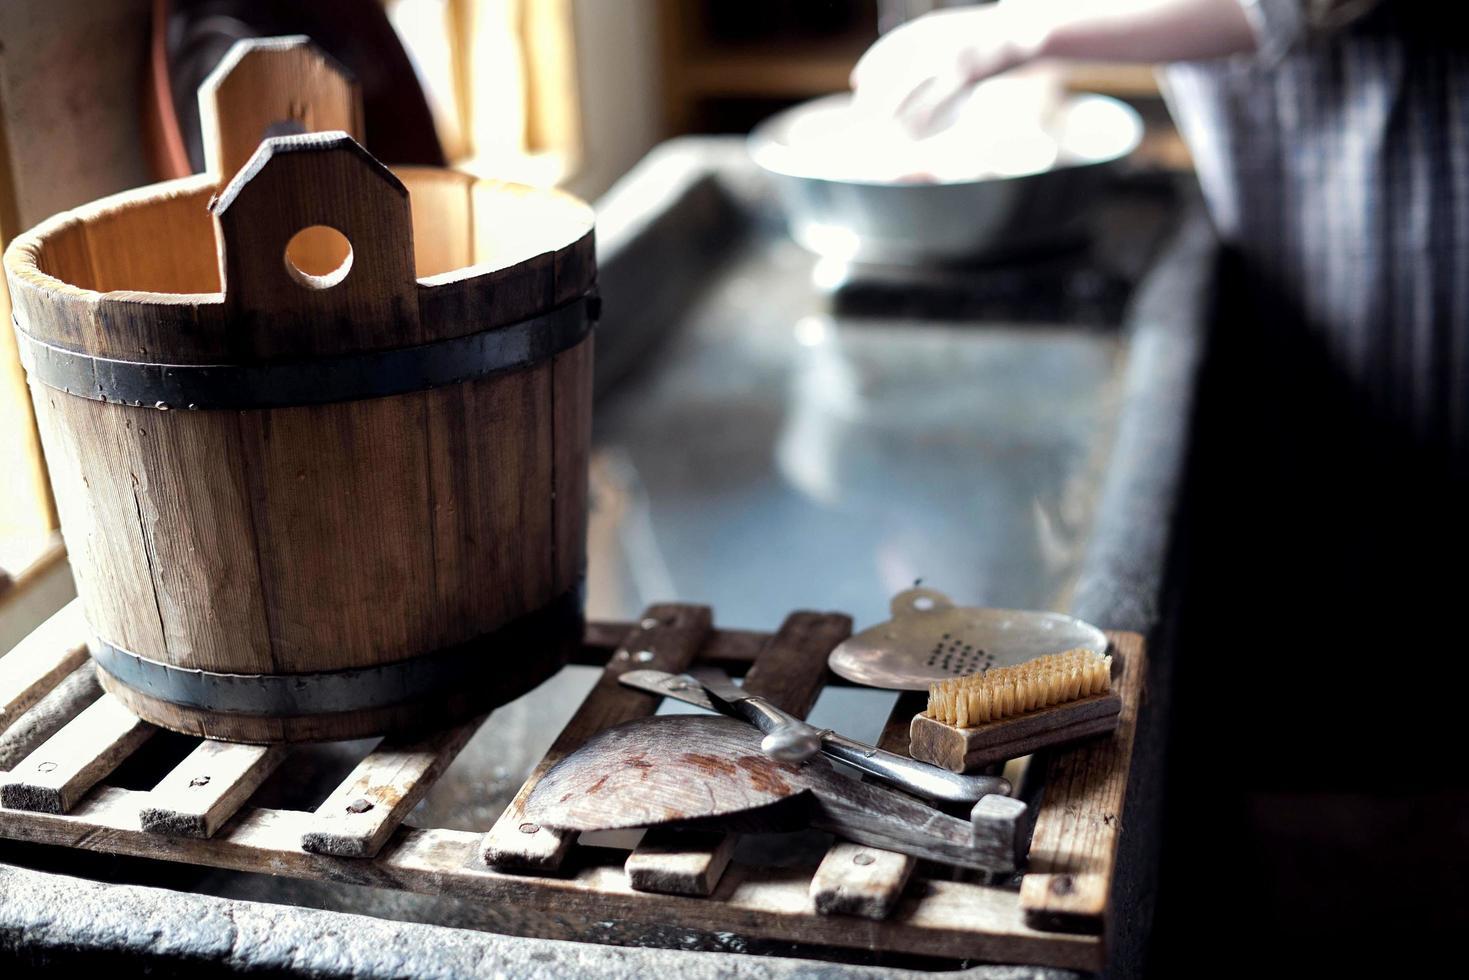 balde de madeira e ferramentas foto